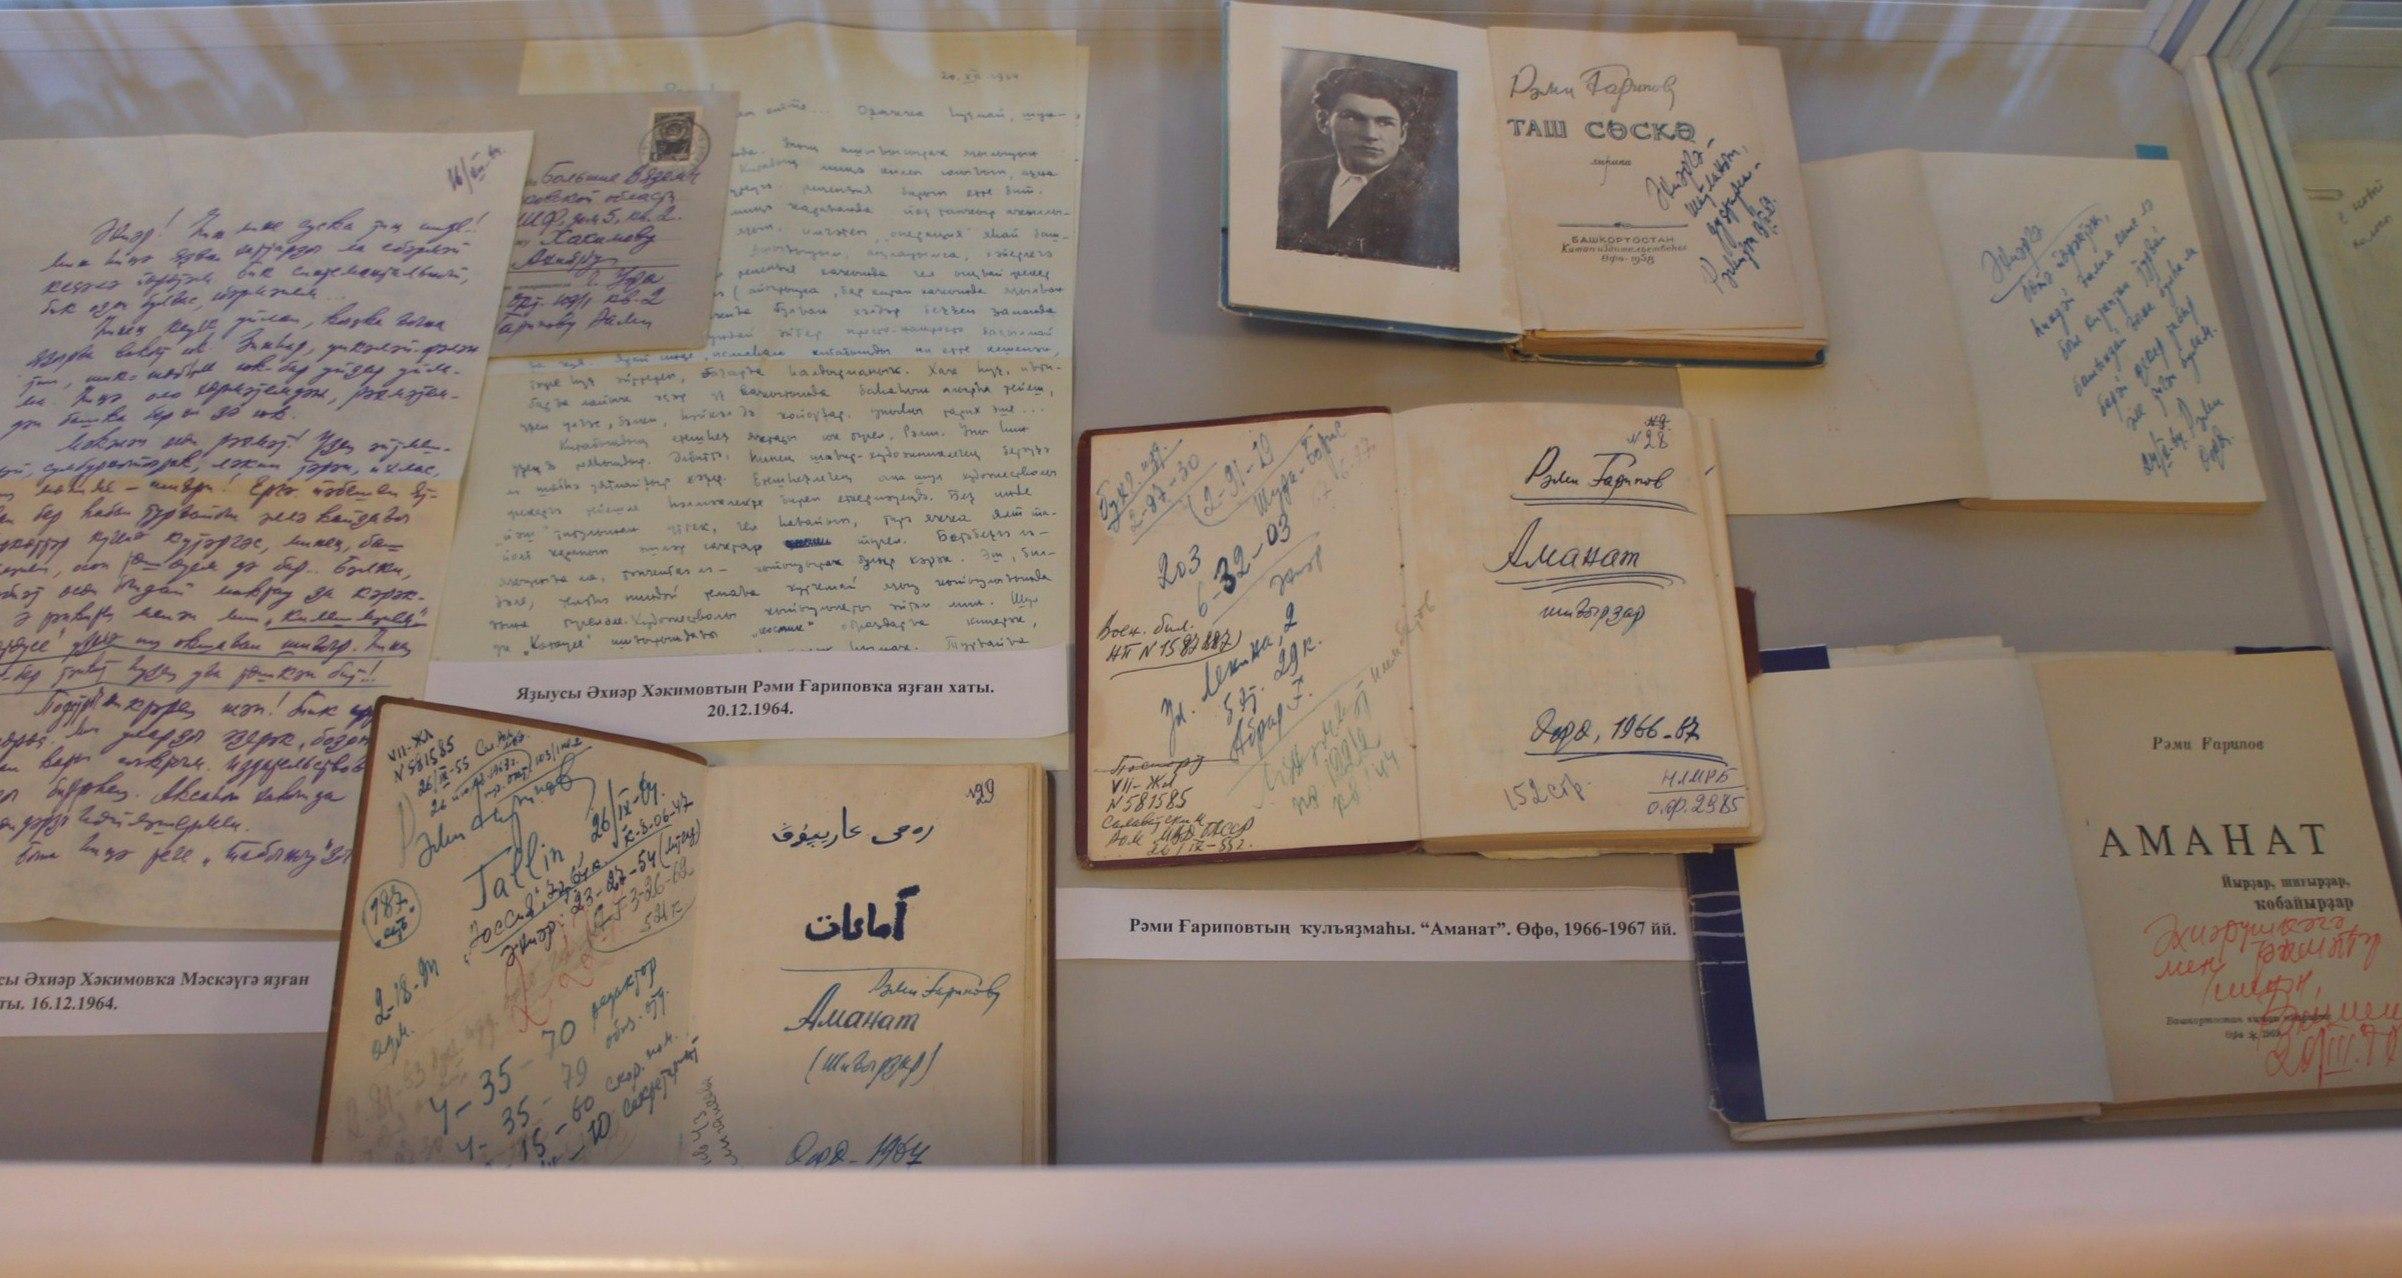 НЛМ РБ, выставка к 75-летию Рами Гарипова